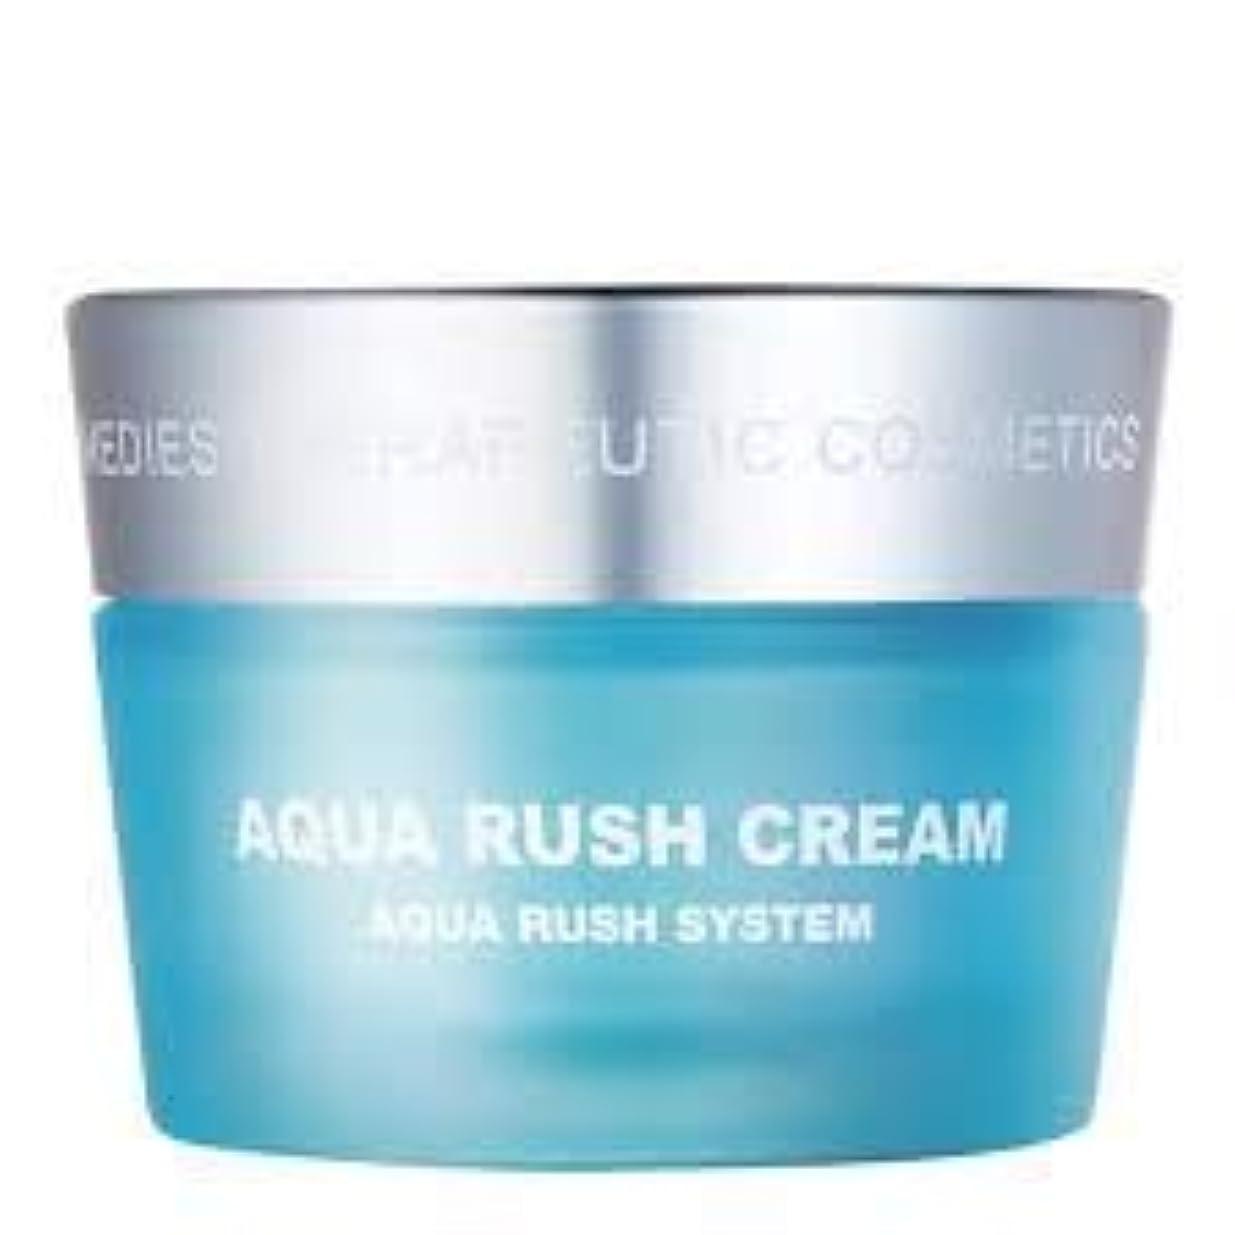 帰るぬれたストッキングBRTC 乾燥肌に集中的な水分を供給アクアラッシュクリーム1つ60ミリリットル保湿クリーム